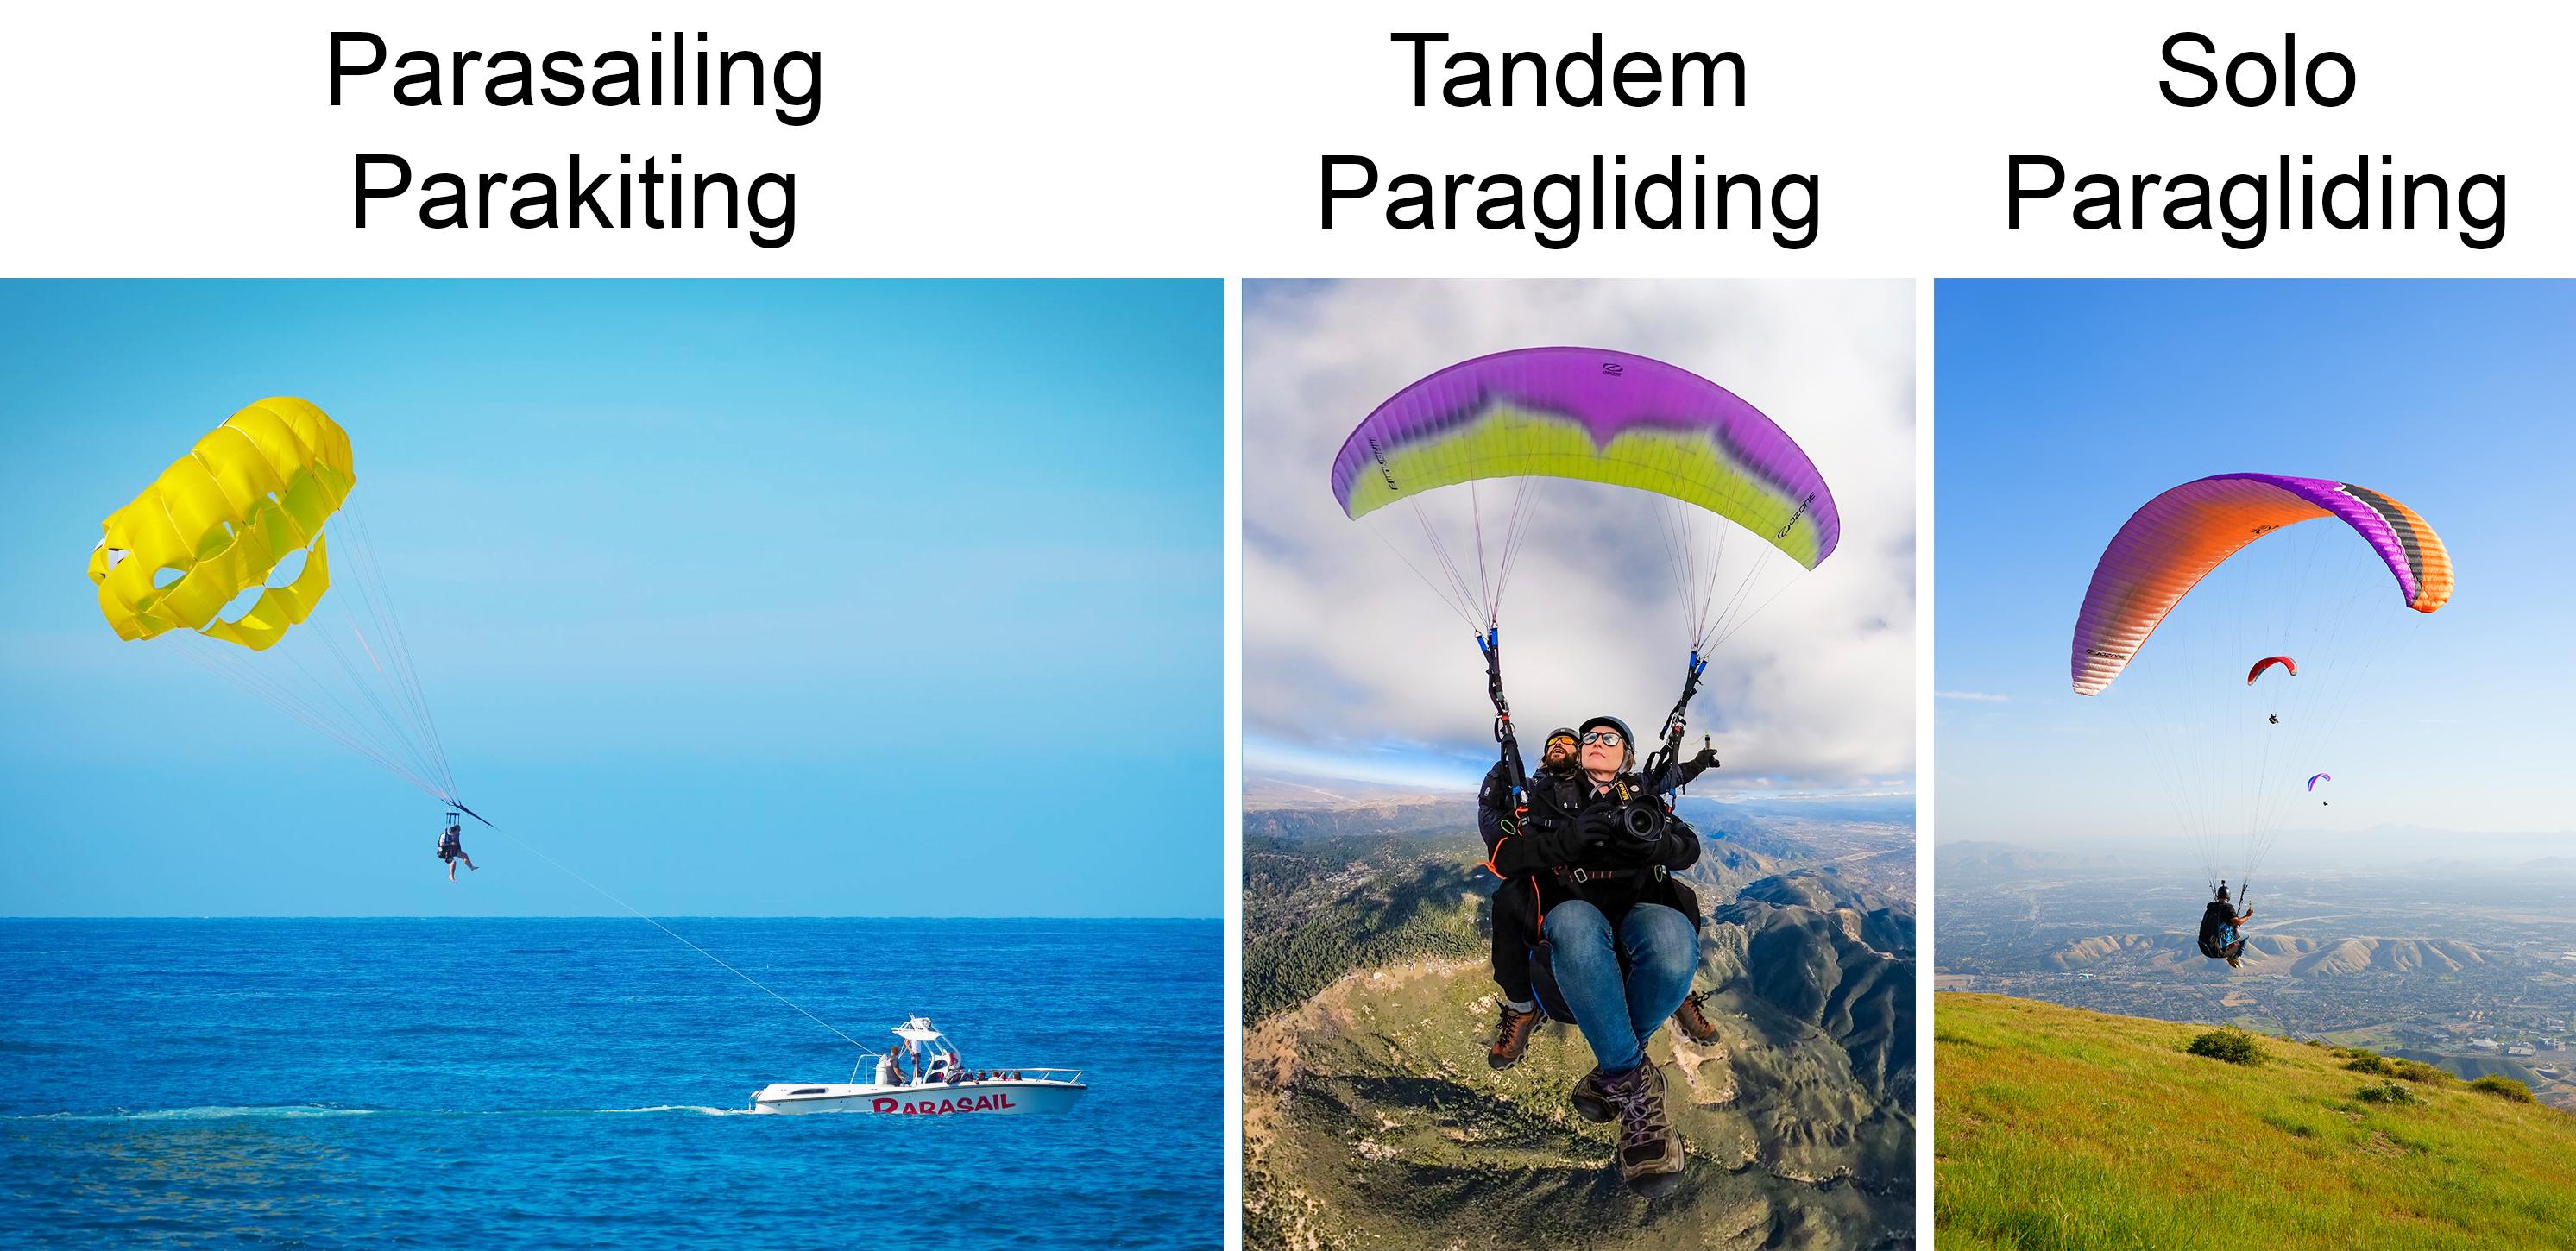 Parasailing vs. Paragliding